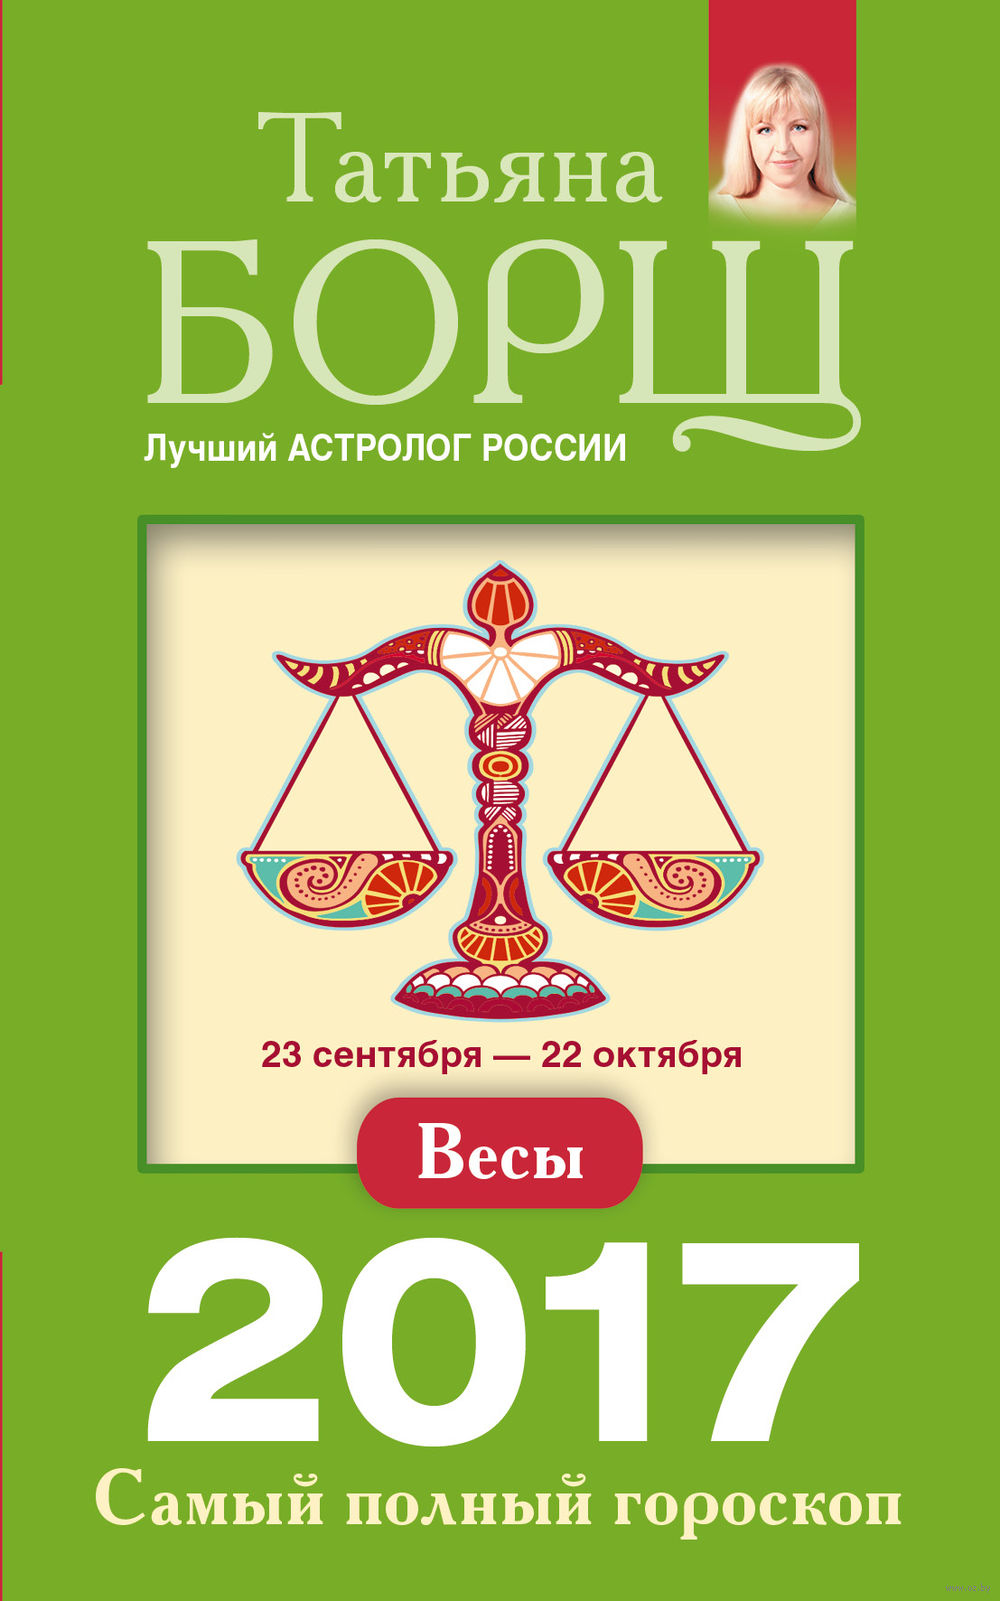 Гороскоп для знака весы - gorockop.ru